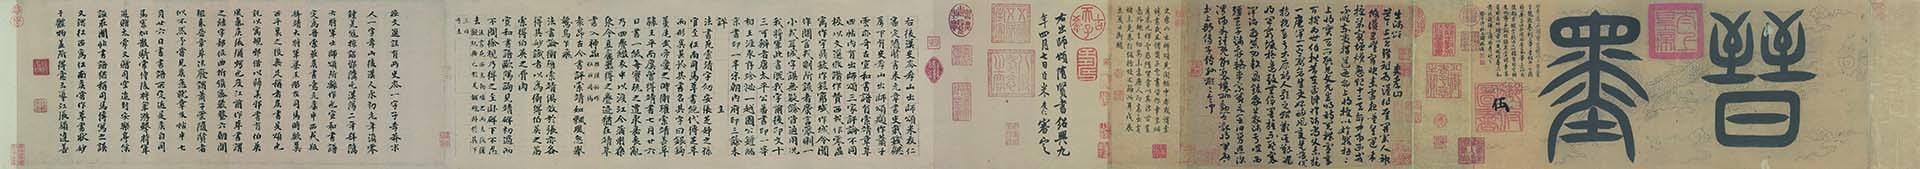 隋 索靖 出师颂章草书(全卷)纸本21.2x127.8北京故宫